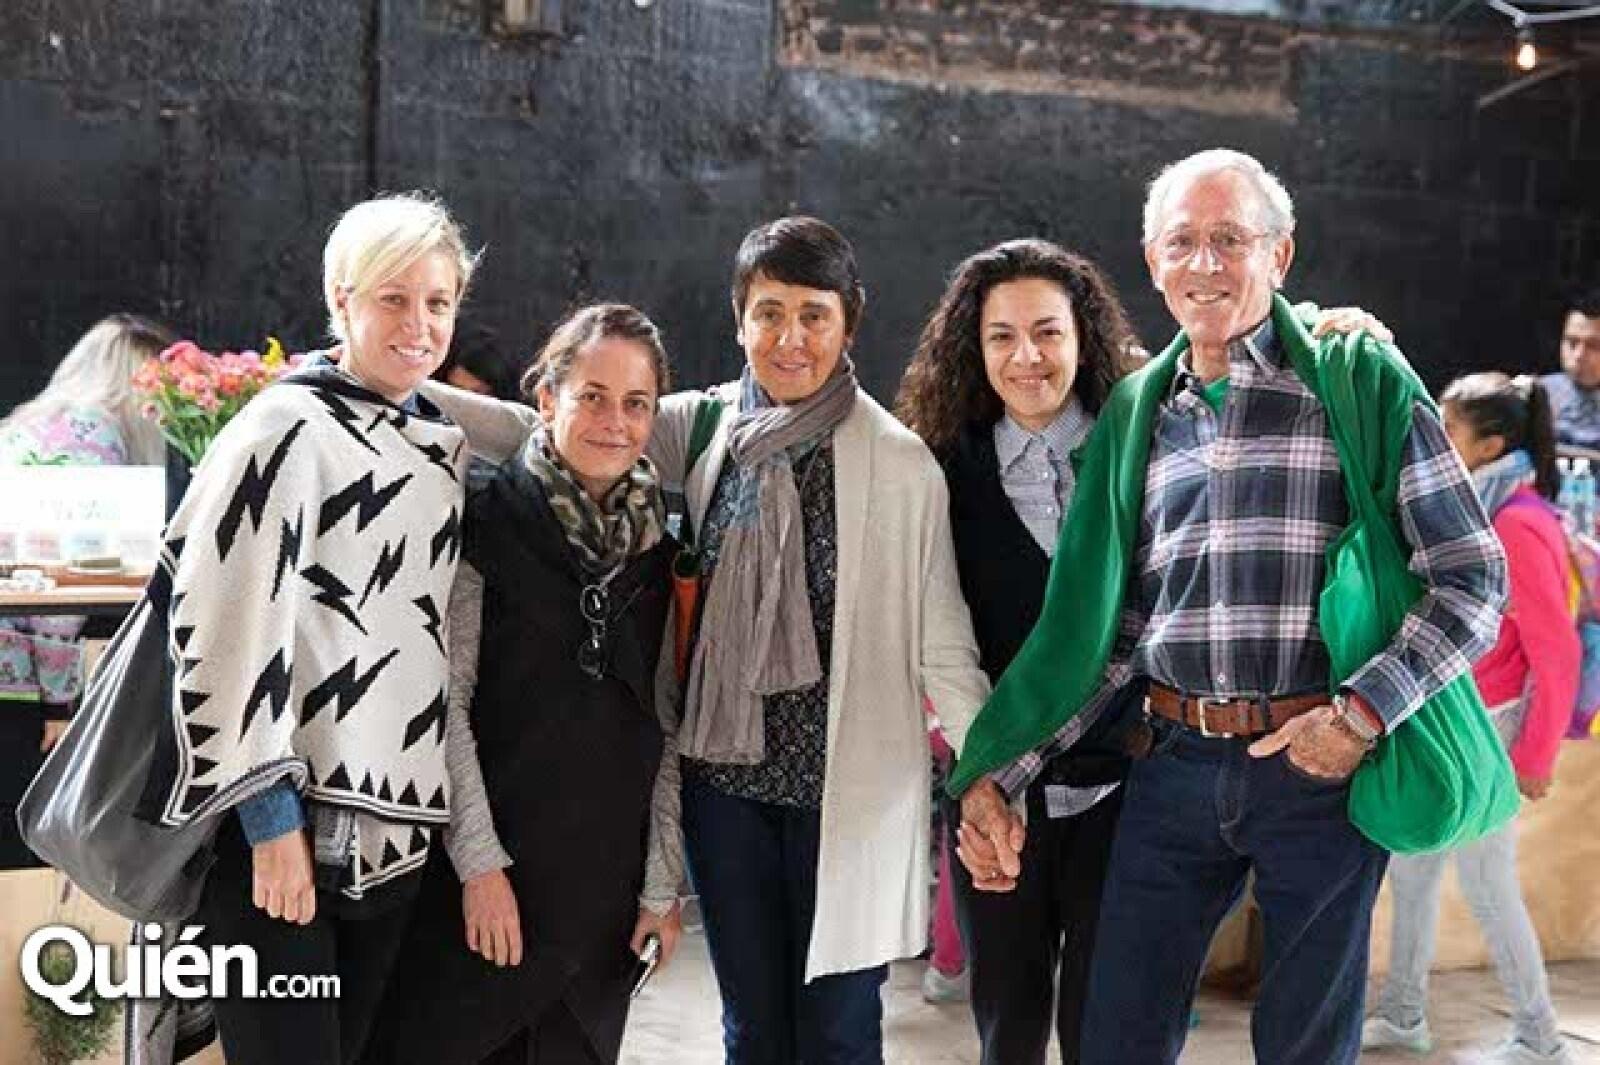 Joana Ruíz-Galindo,Mariana Aguilar,Carmen Casanovas,Carmen Ortega,Enrique López de Moral